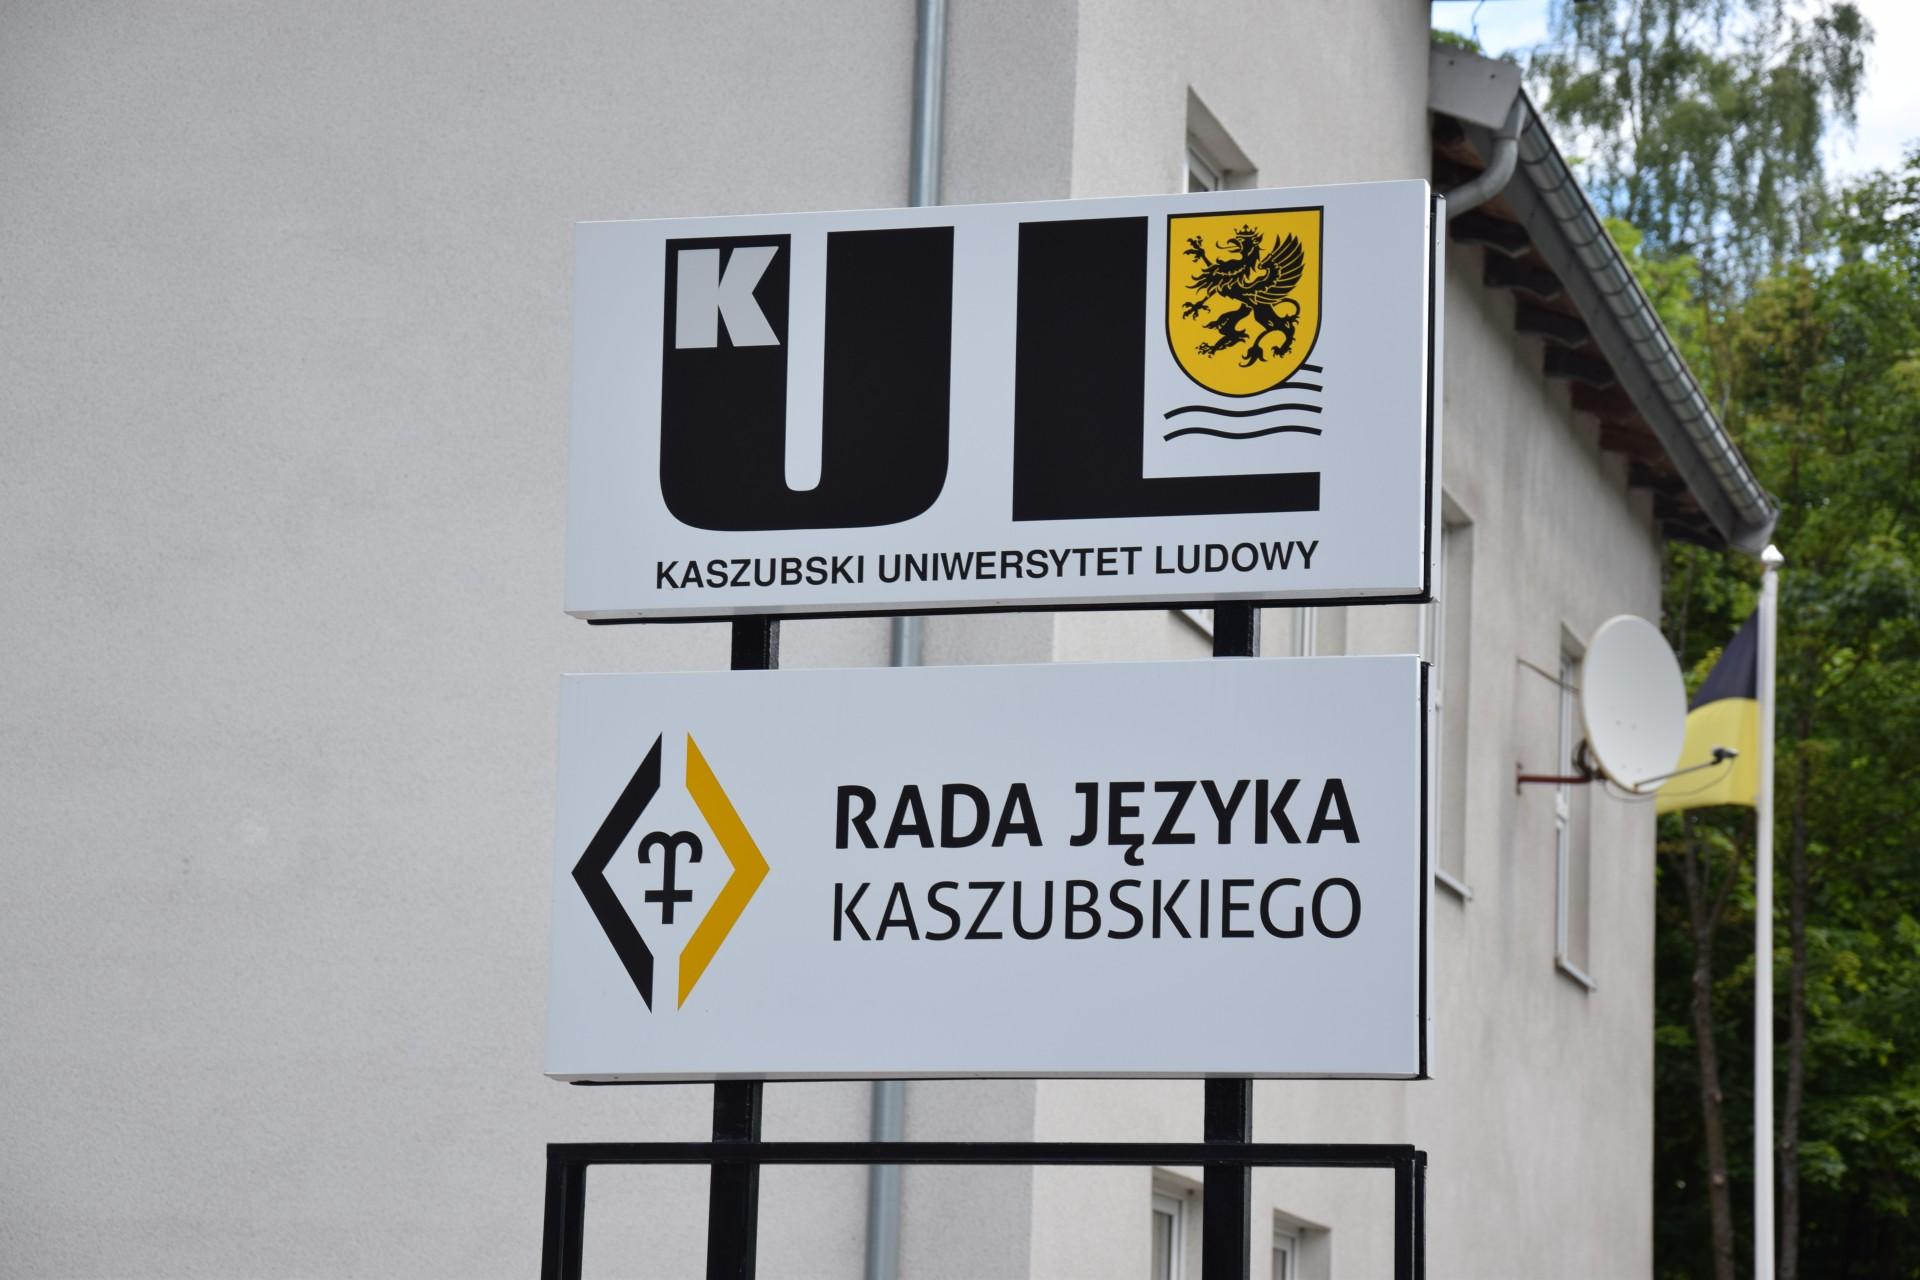 Kaszubski Uniwersytet Ludowy: poważne wyzwanie 2